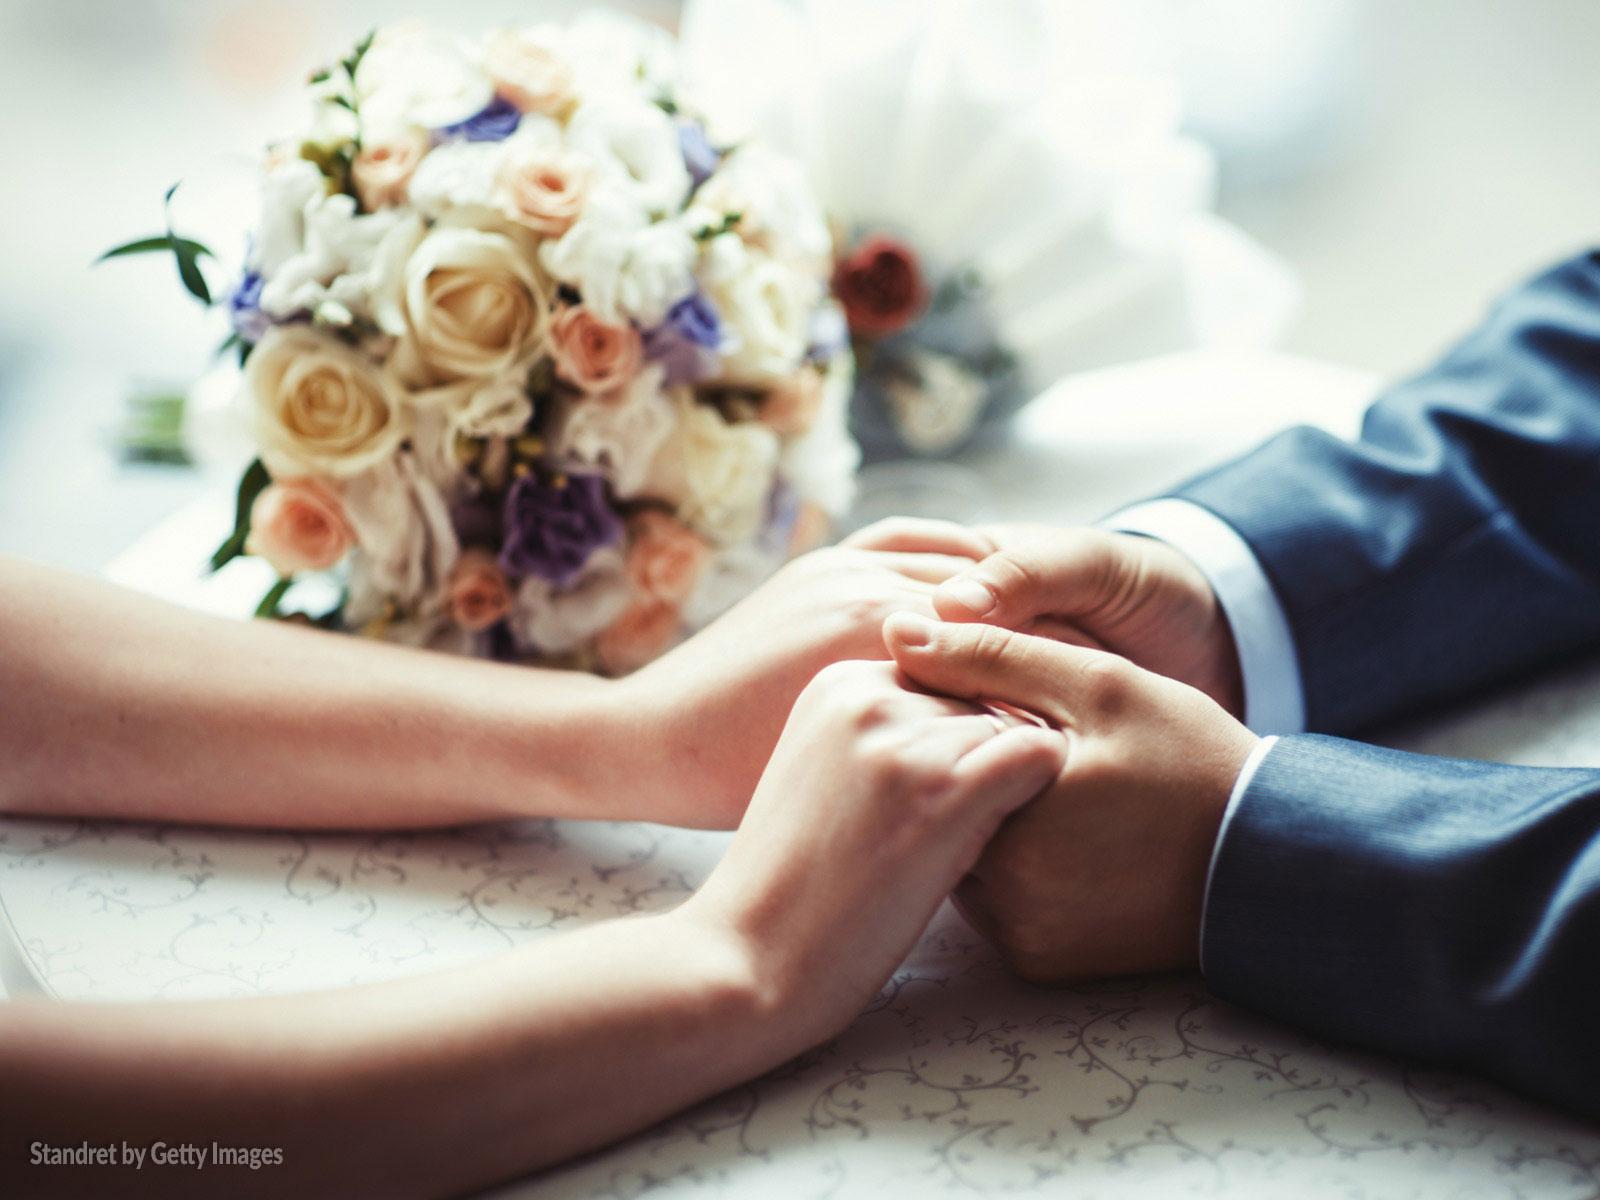 1600x1200-matrimonio-caminho-de-santificacao-Standret-by-Getty-Images